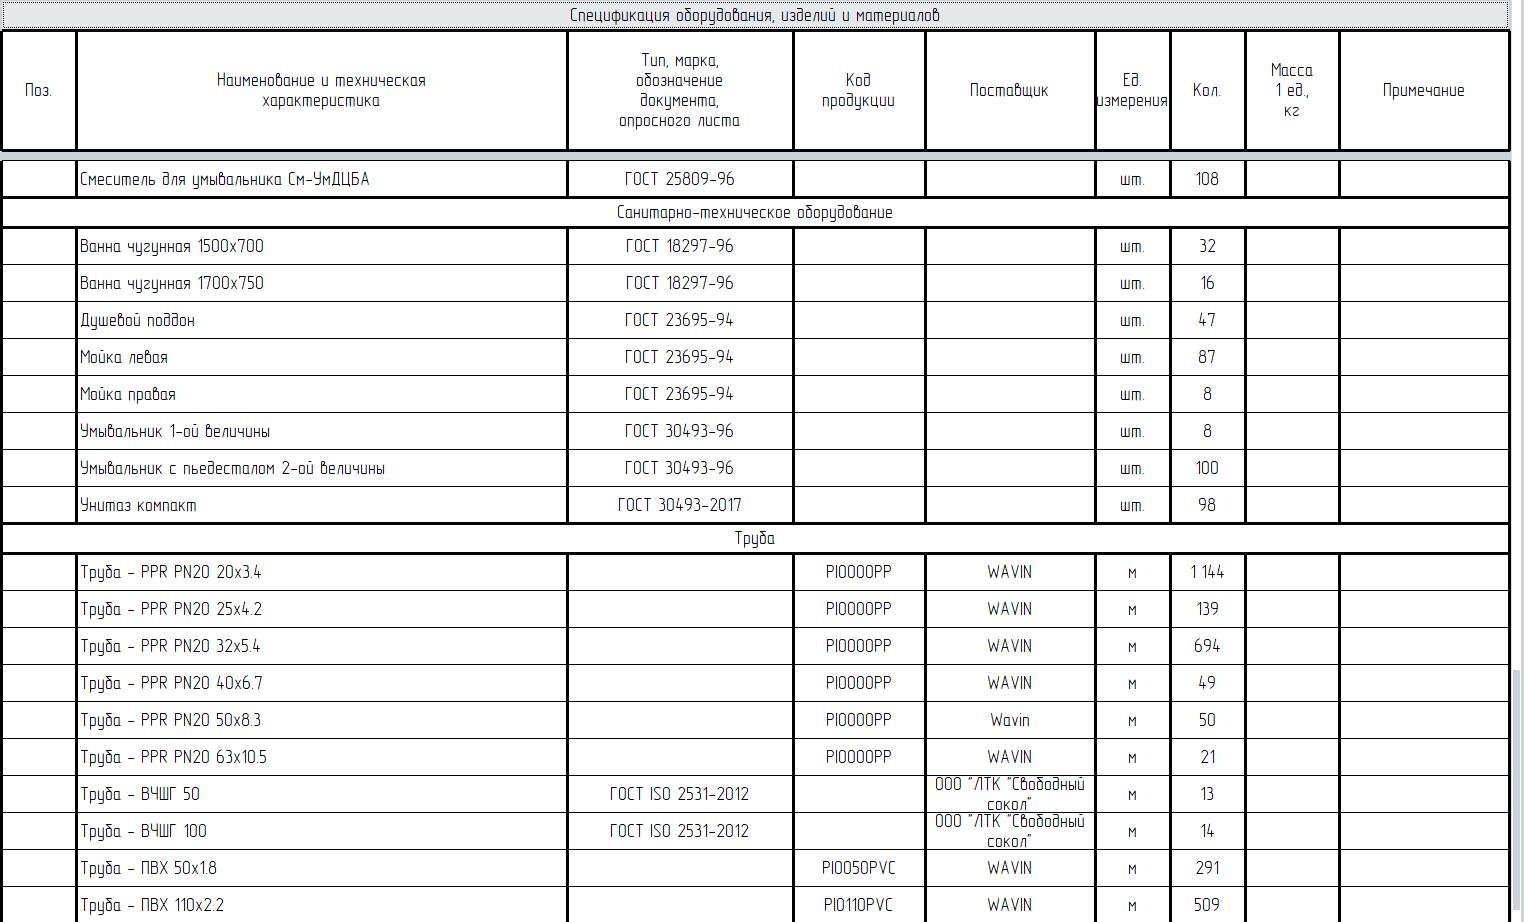 Спецификация элементов системы «Водоснабжения и водоотведения» по ГОСТ 21.110-95 (форма 1)